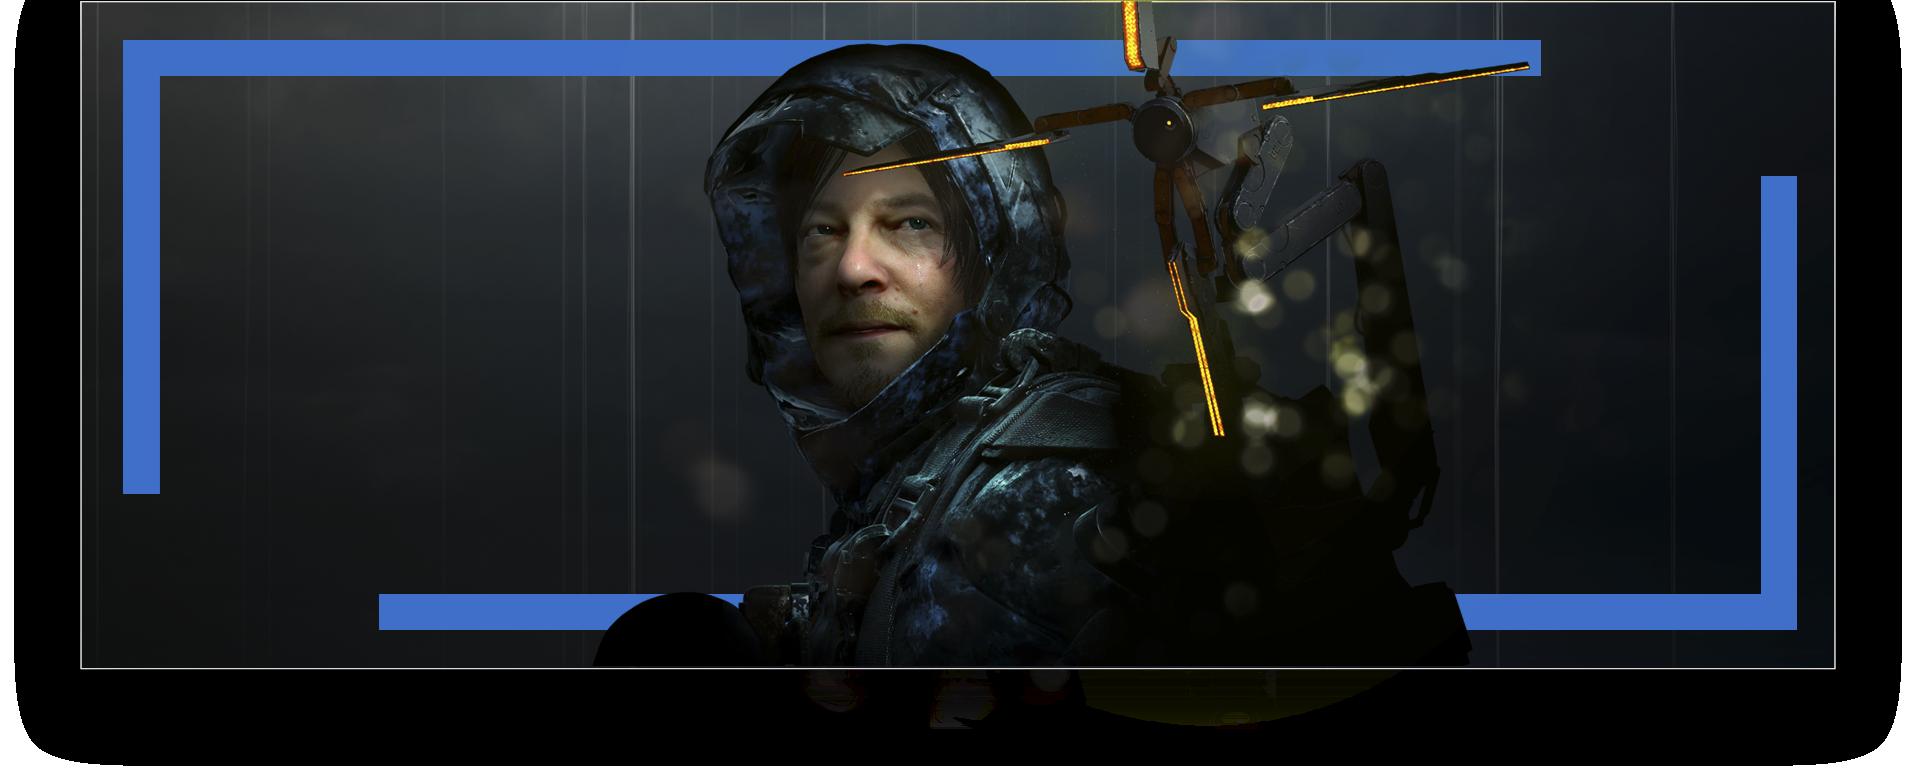 الصورة الفنية الأساسية للعبة Control